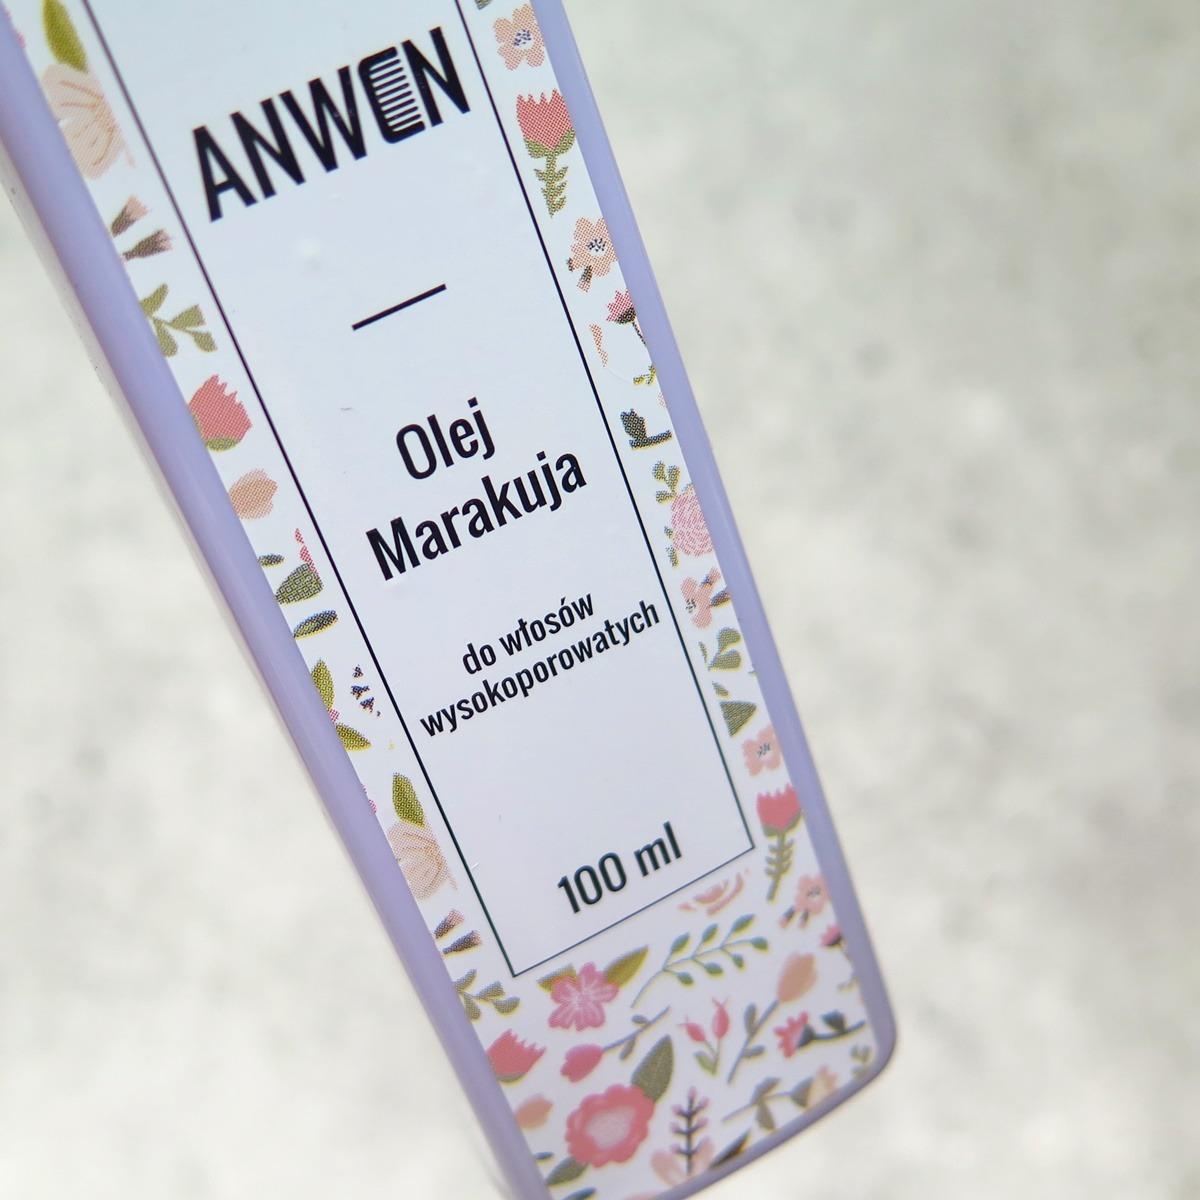 ANWEN olej marakuja do włosów wysokoporowatych